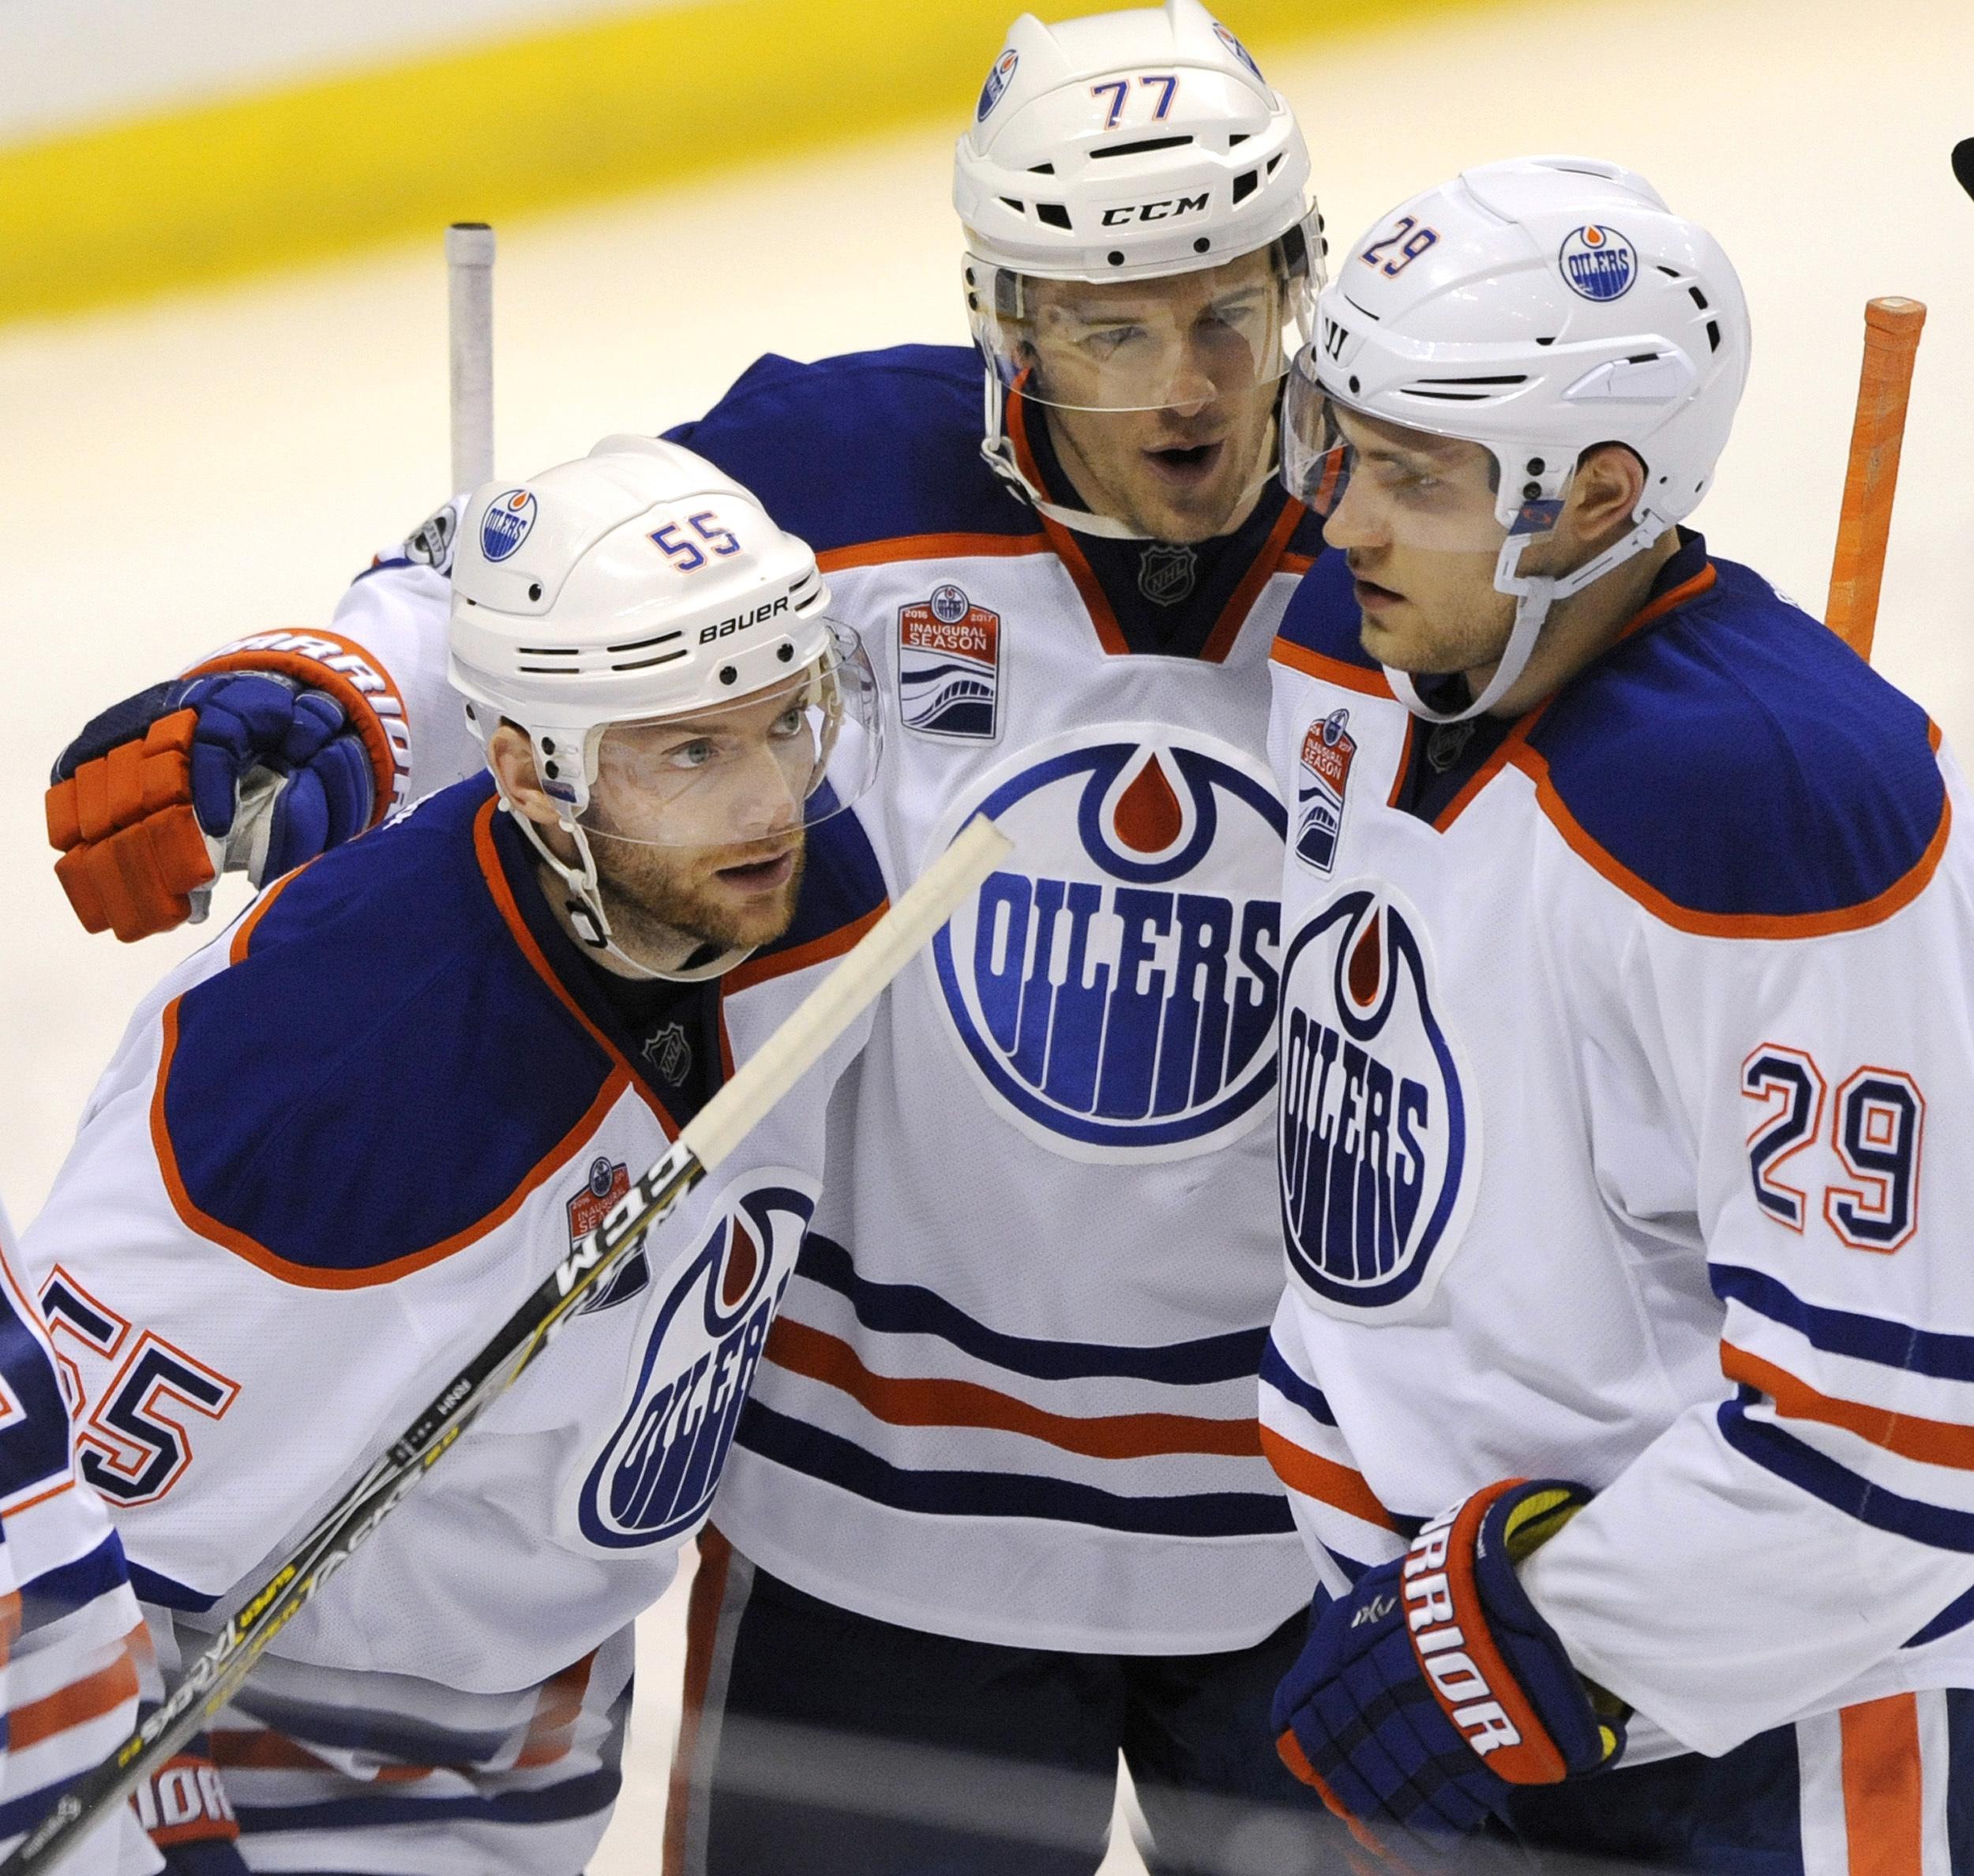 Oilers_blues_hockey_15870